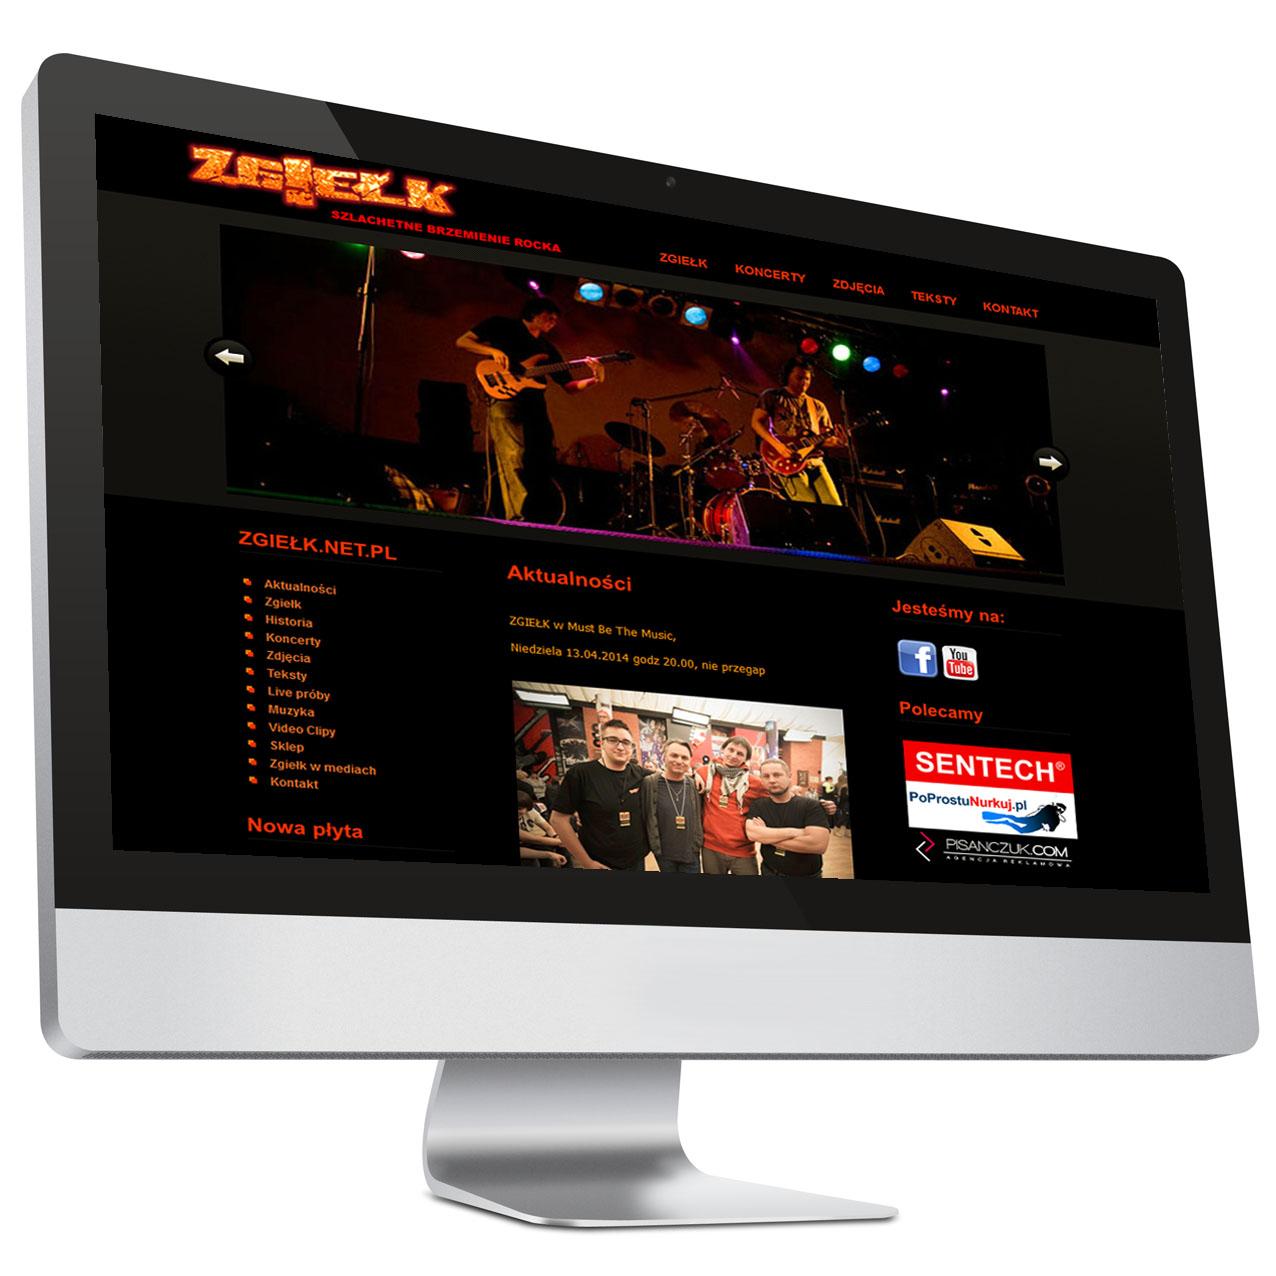 Strona internetowa zespołu Zgiełk